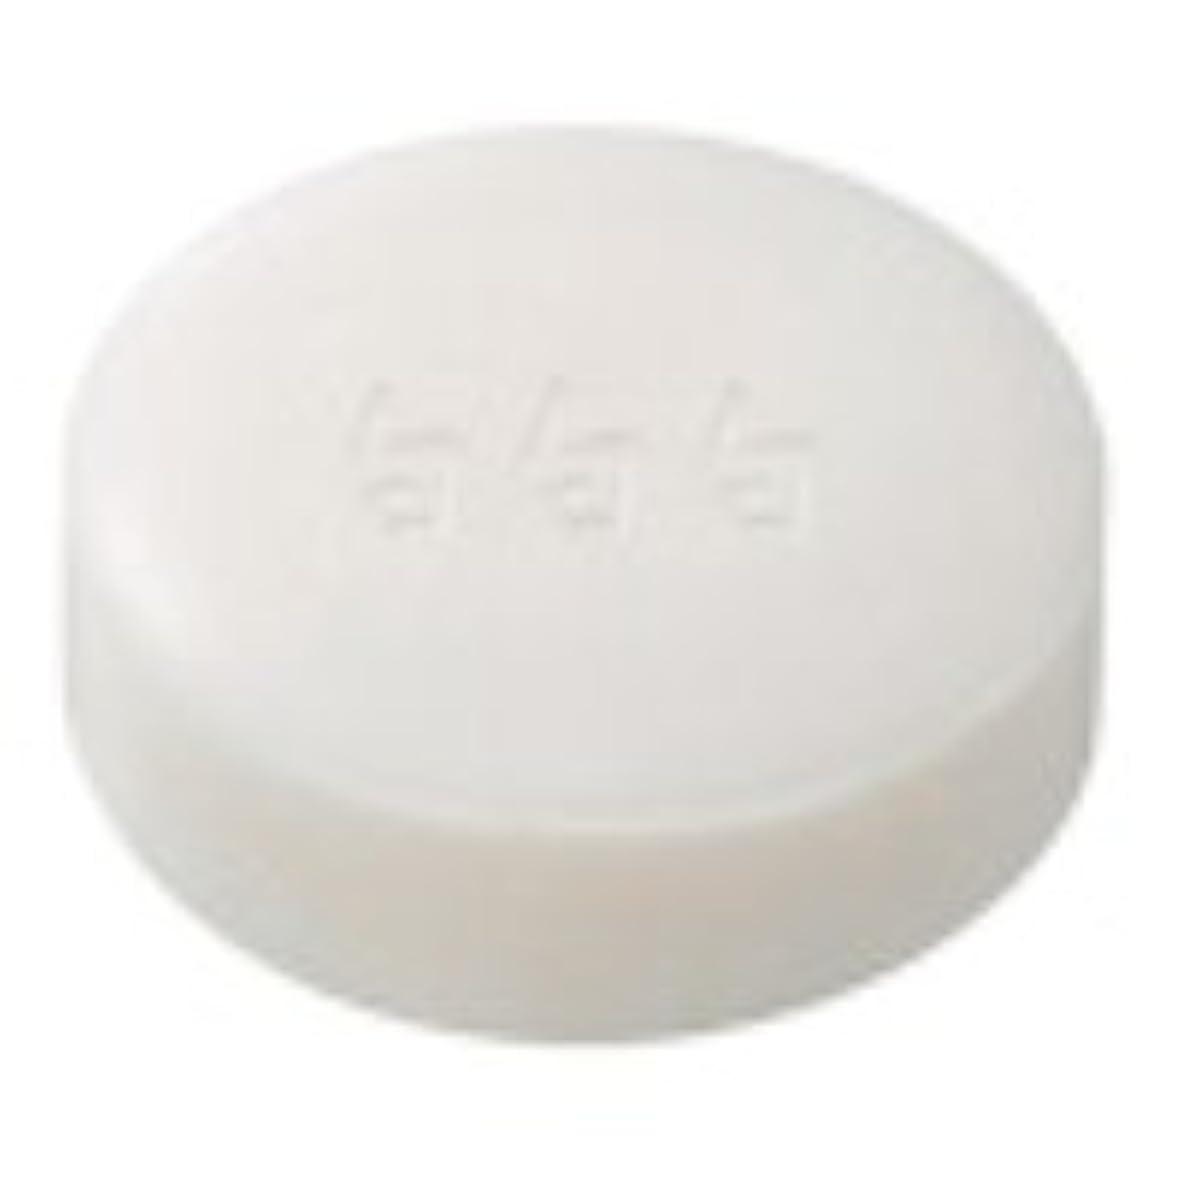 連結する受粉者スペース白白白ホワイトクリアソープ 90g